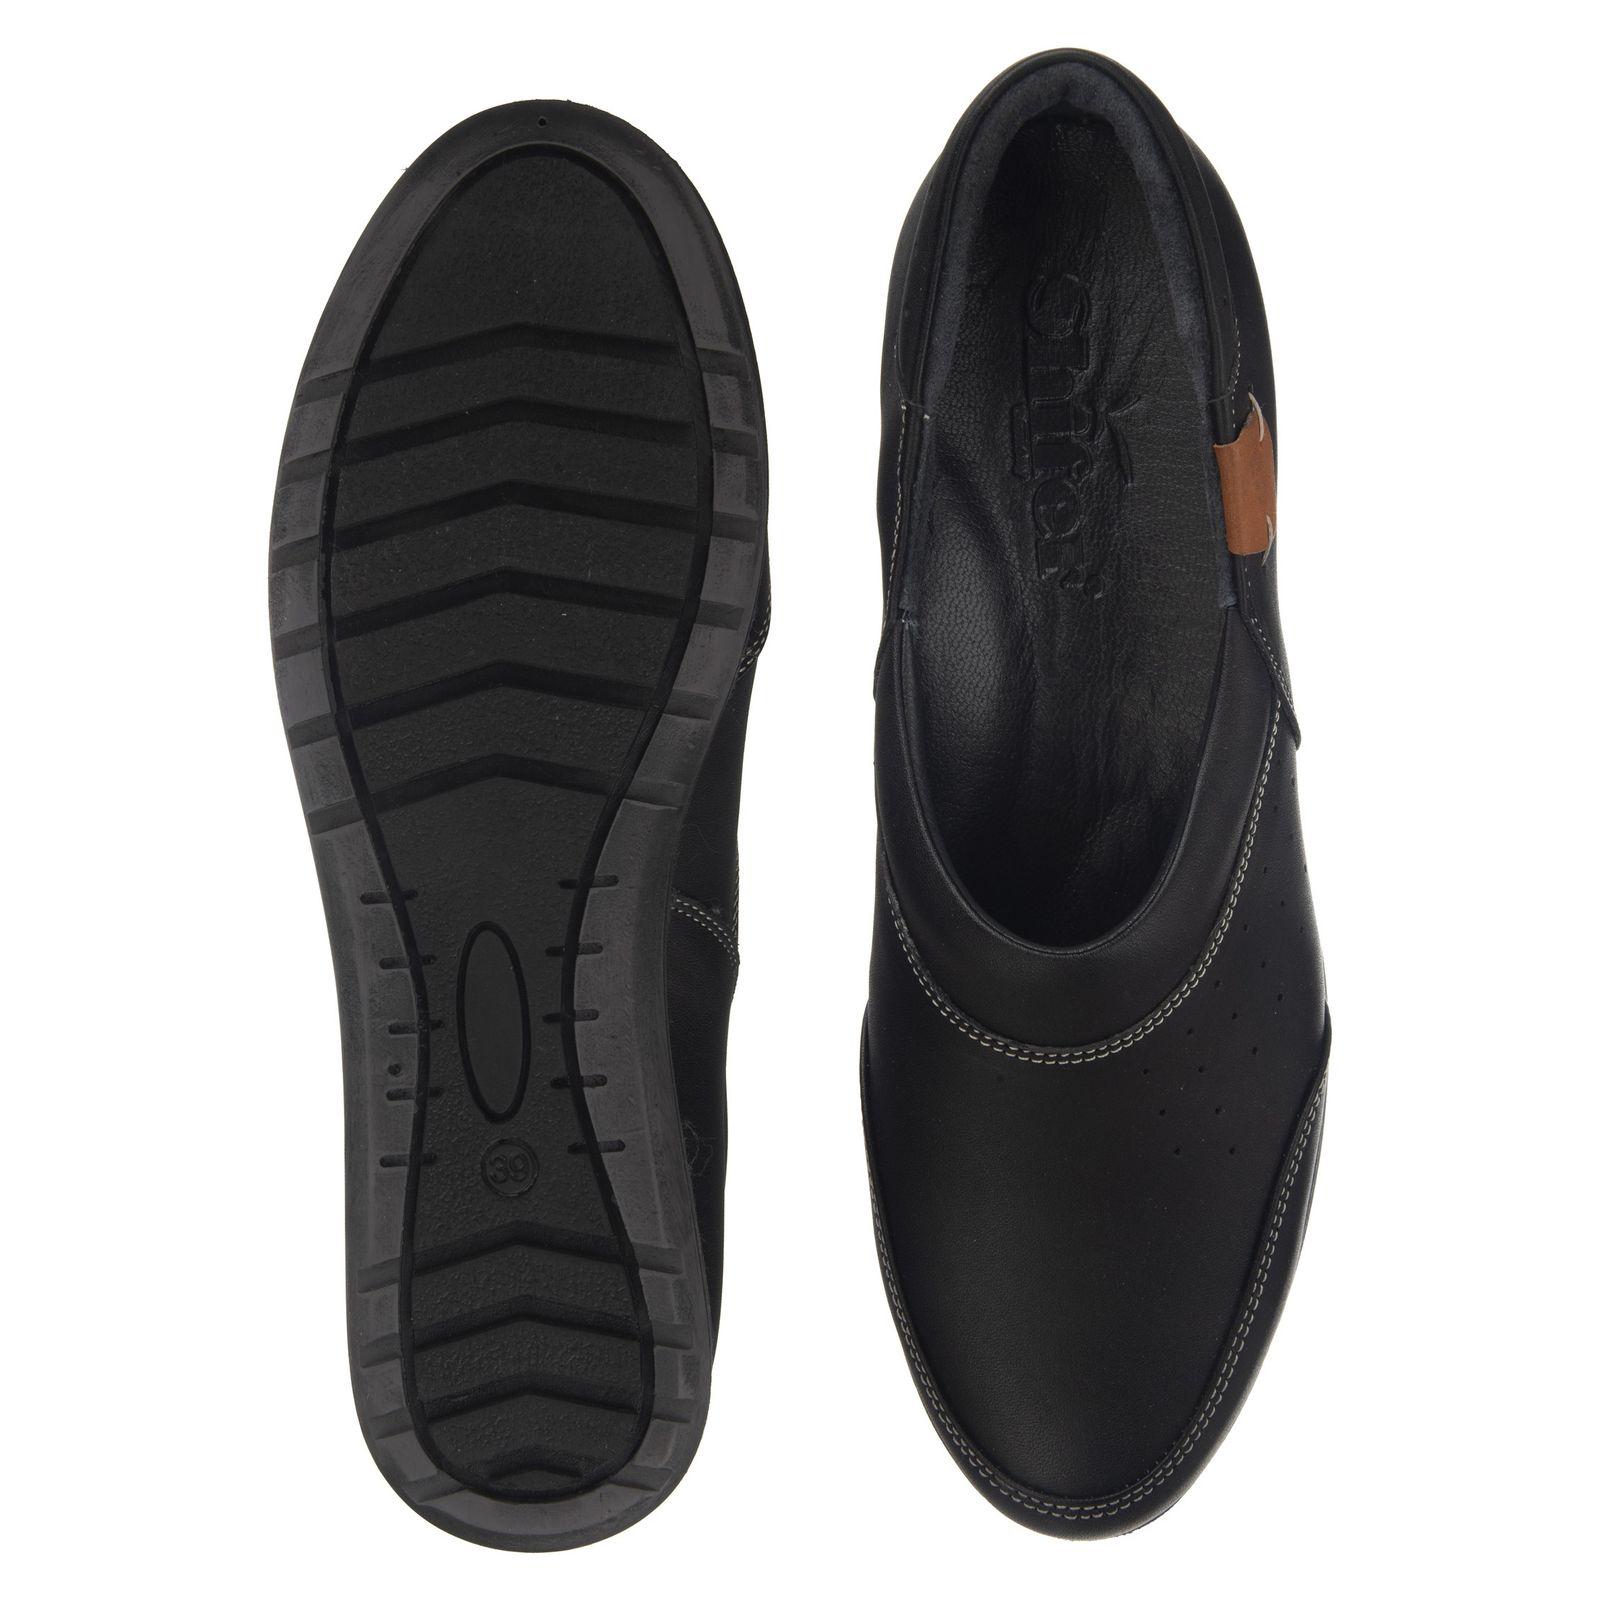 کفش روزمره زنانه شیفر مدل 5181B-101 main 1 2